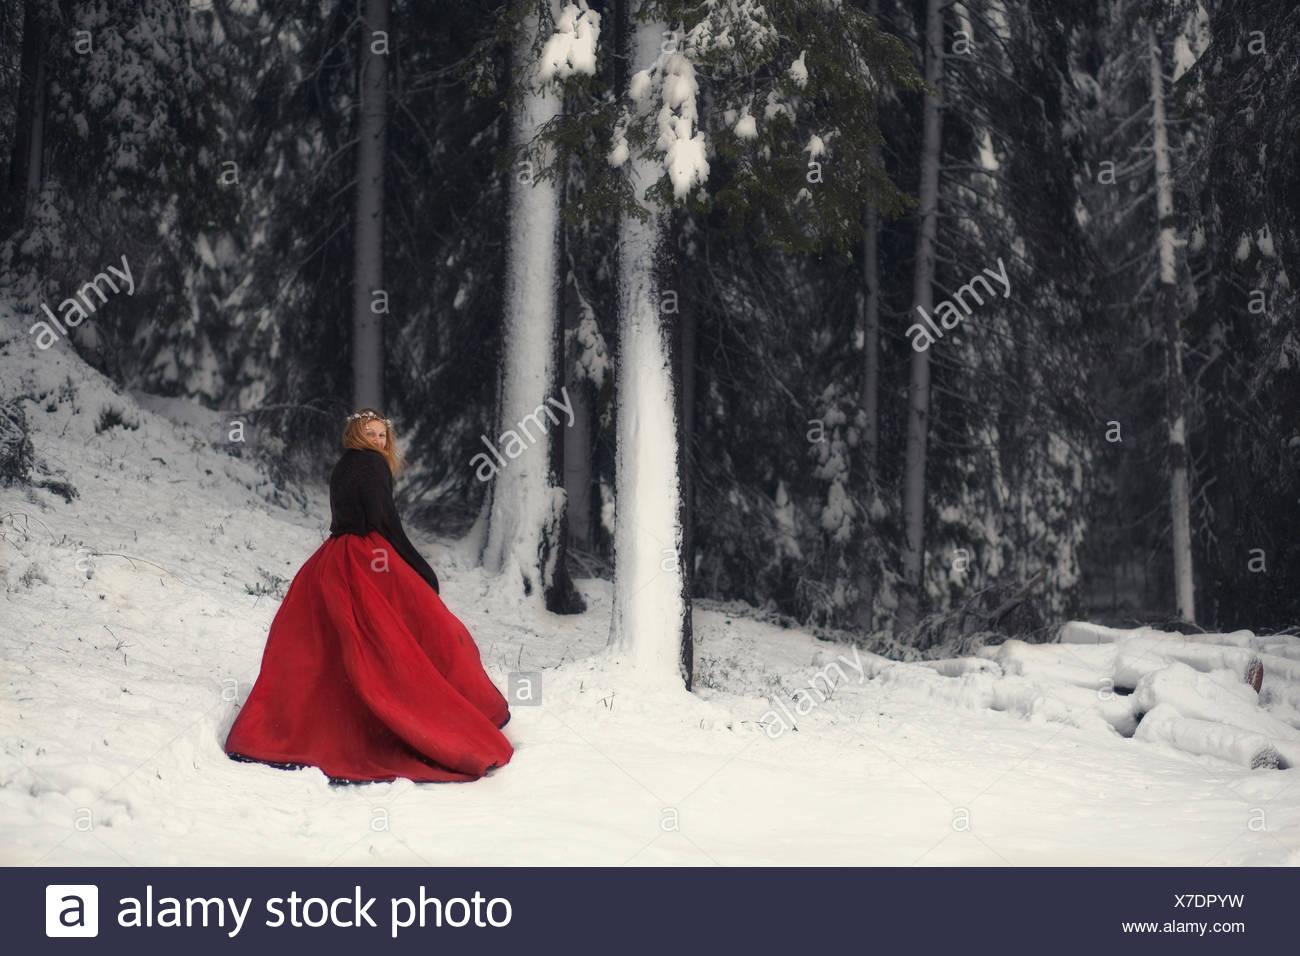 Donna in abito rosso nella foresta incappucciate di neve Immagini Stock